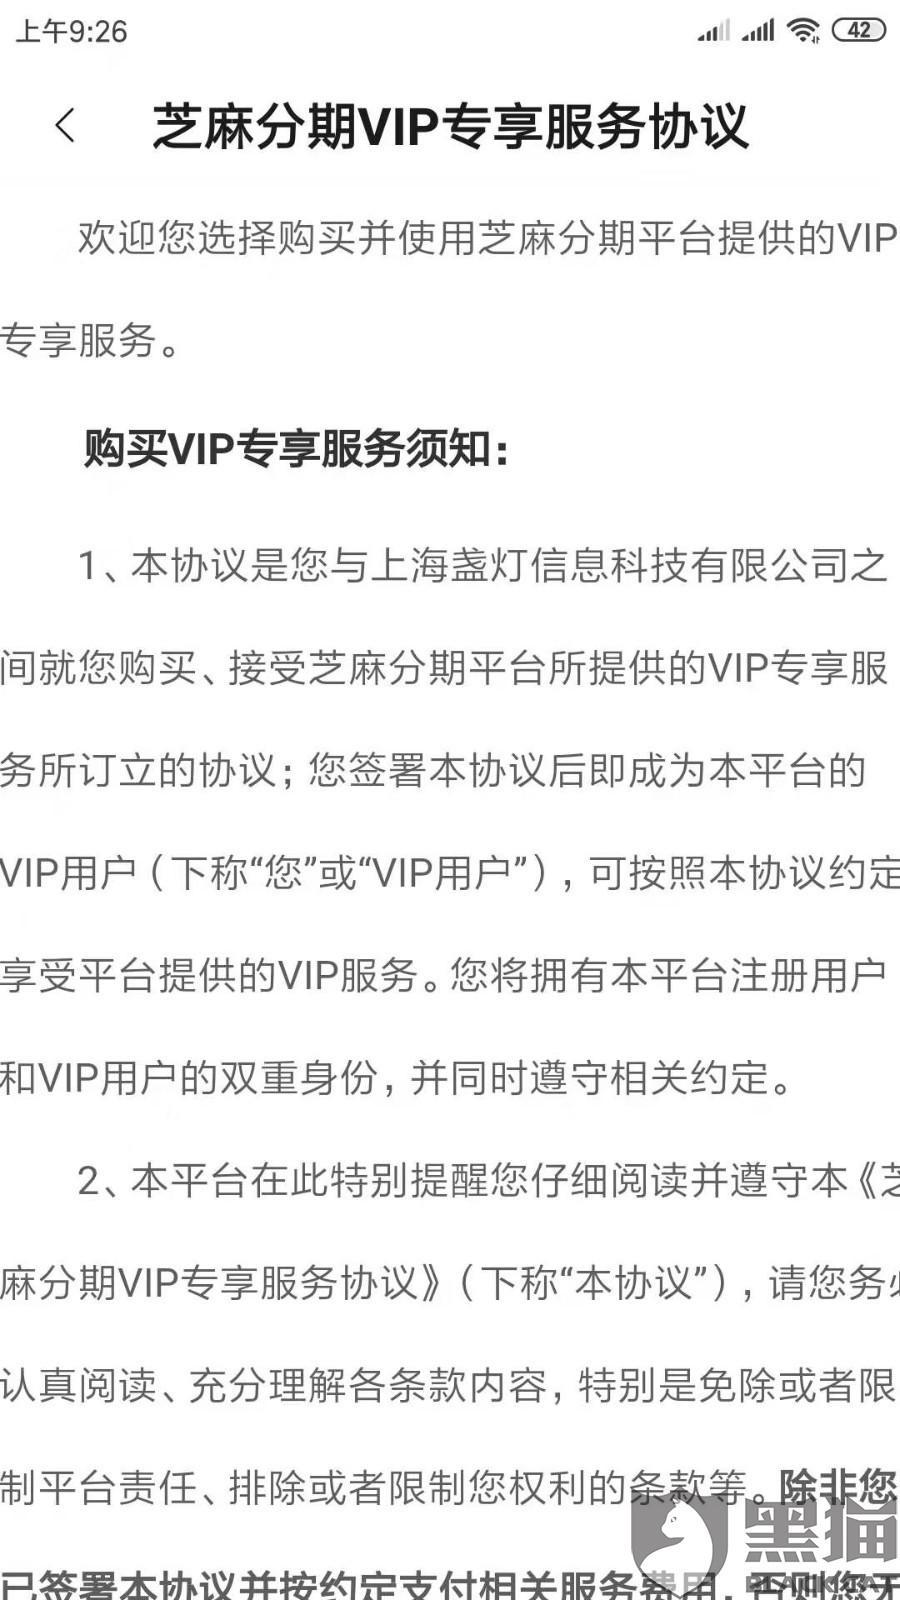 黑猫投诉:上海盏灯信息科技有限公司的芝麻分期app产品恶意诱导注册者扣费